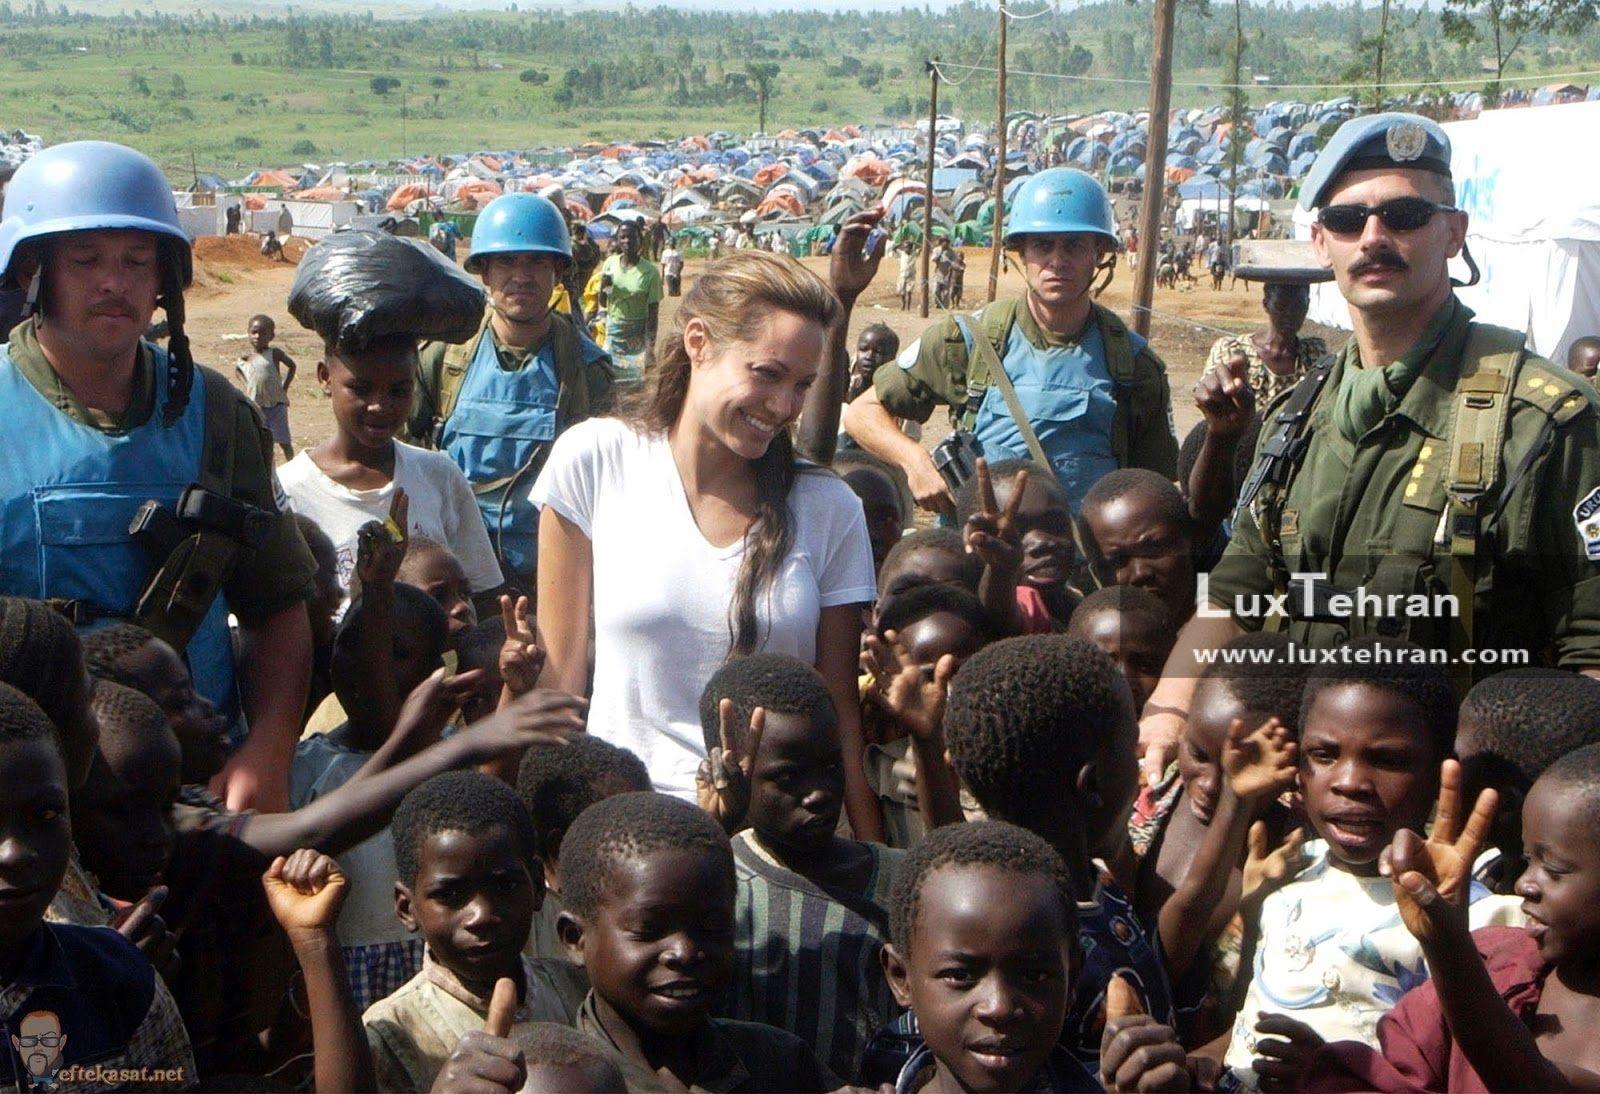 سفر آنجلینا جولی به کشور کنگو در قاره آفریقا